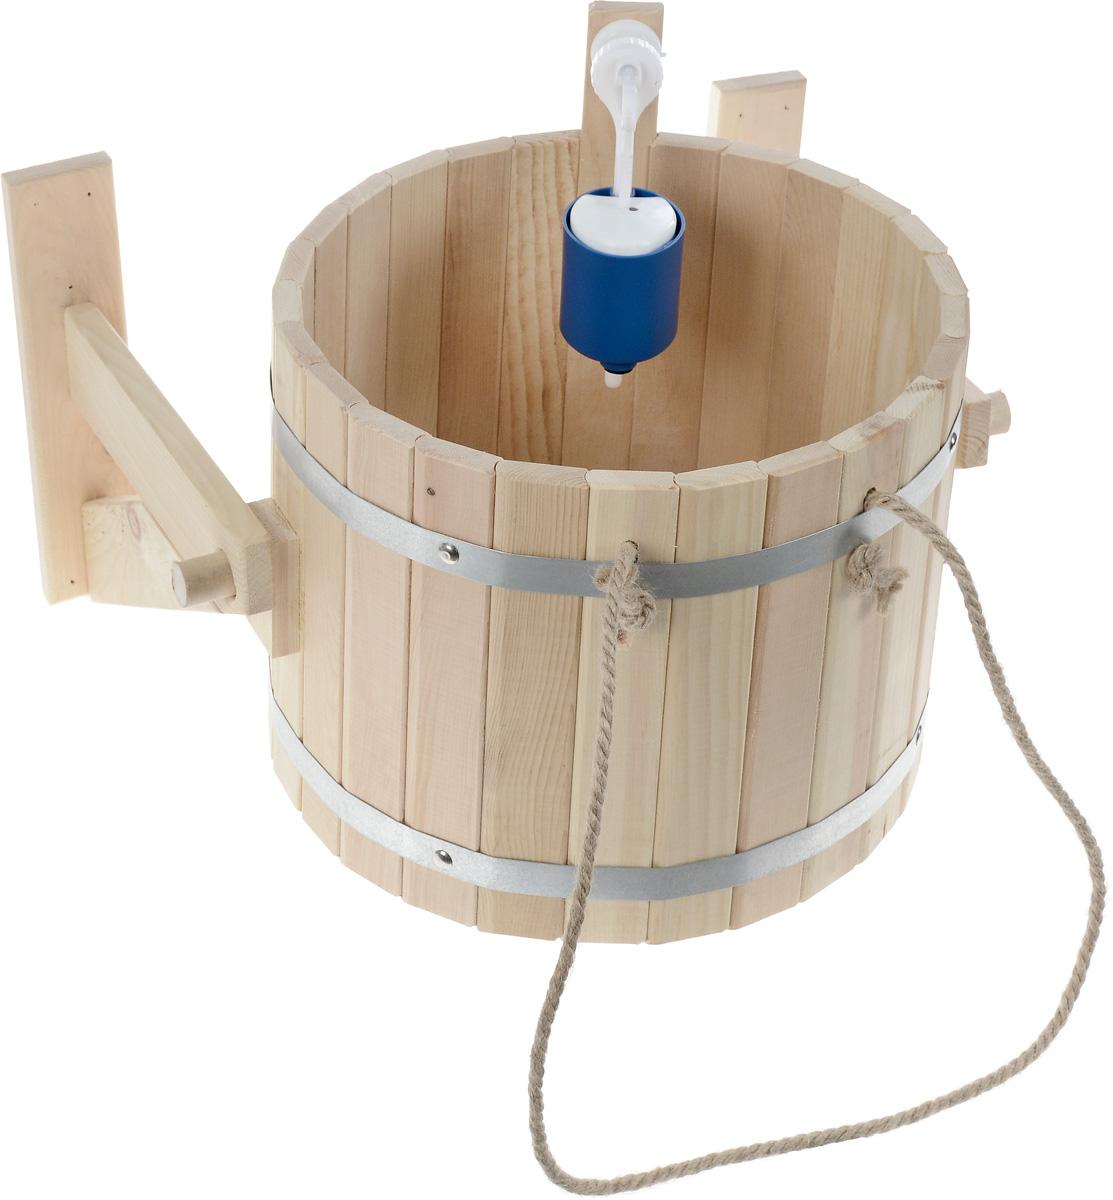 Обливное устройство Доктор баня, 20 лC0042416Обливное устройство Доктор баня состоит из деревянной емкости, двух кронштейнов и впускного клапана для воды. Обливное устройство изготовлено из деревянных шпунтованный клепок, склеенных между собой водостойким клеем и стянутых двумя обручами из нержавеющей стали. Внутри и снаружи устройство покрыто экологически безопасной мастикой на основе природного воска, который обеспечивает высокую степень защиты древесины от воздействия воды. Обливное устройство может монтироваться как к стенам, так и к потолку помещения. Обливное устройство предназначено для контрастного обливания после высоких температур парной в банях и саунах. Обливные устройства используются как внутри бани, так и снаружи. Рекомендуется периодически проверять прочность узловых соединений и надежность крепления к стене. Характеристики: Материал: дерево (кедр), металл, текстиль. Объем емкости: 20 л. Диаметр емкости: 34 см. Высота стенок емкости: 31 см.